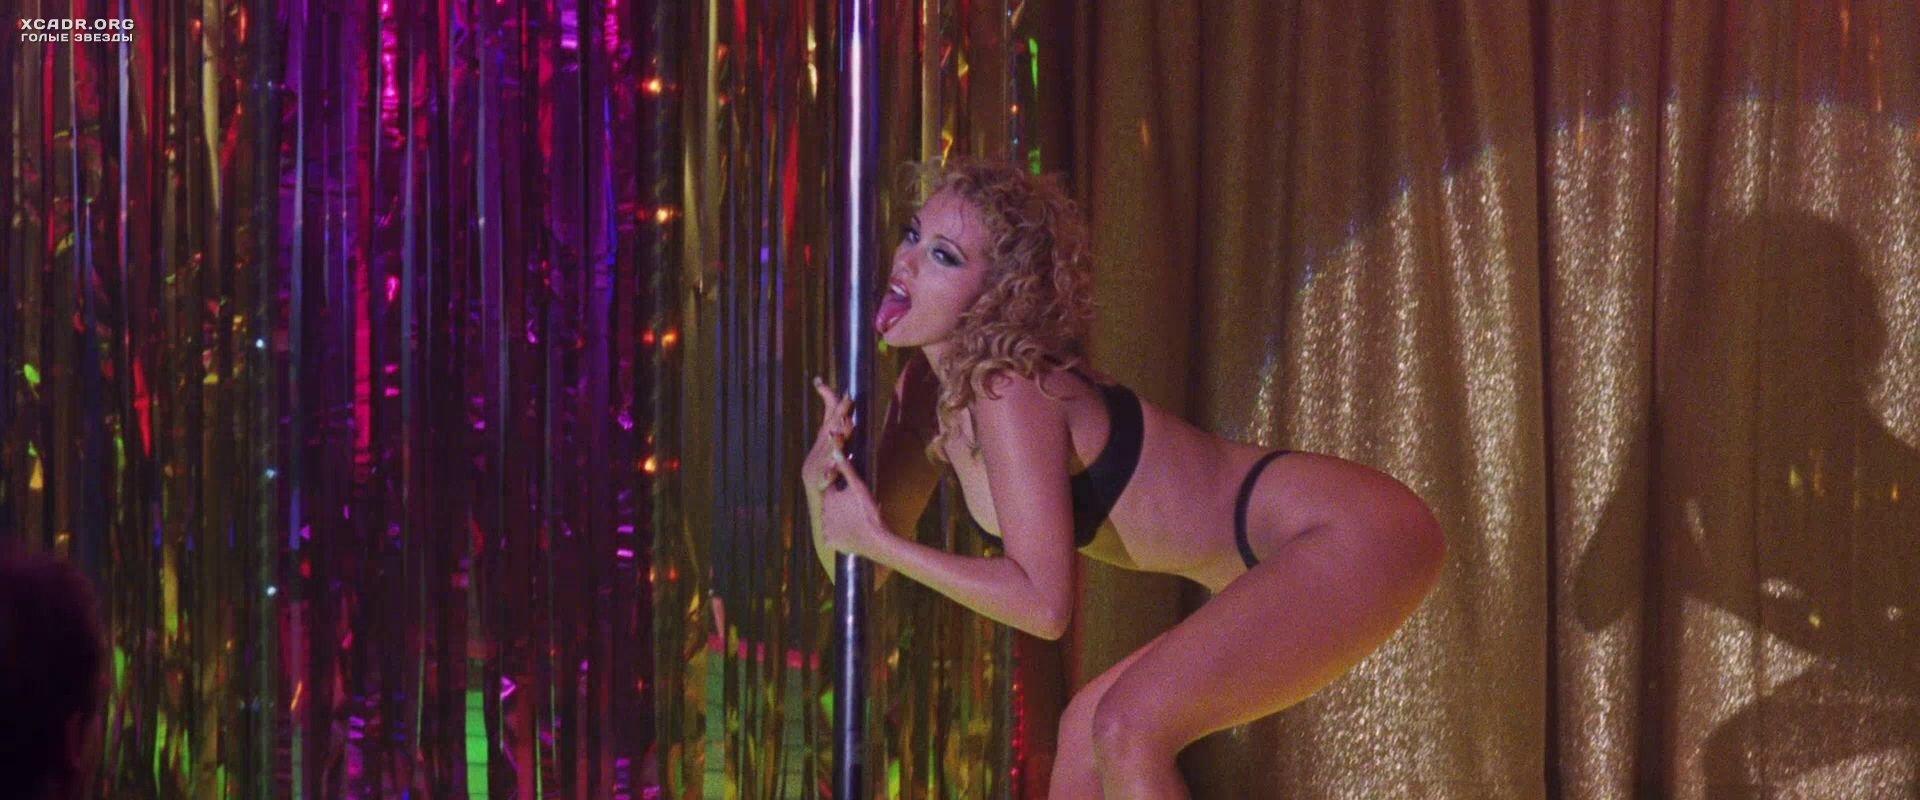 Стриптиз кадры из кинофильмов, самый приятный половой губы видео